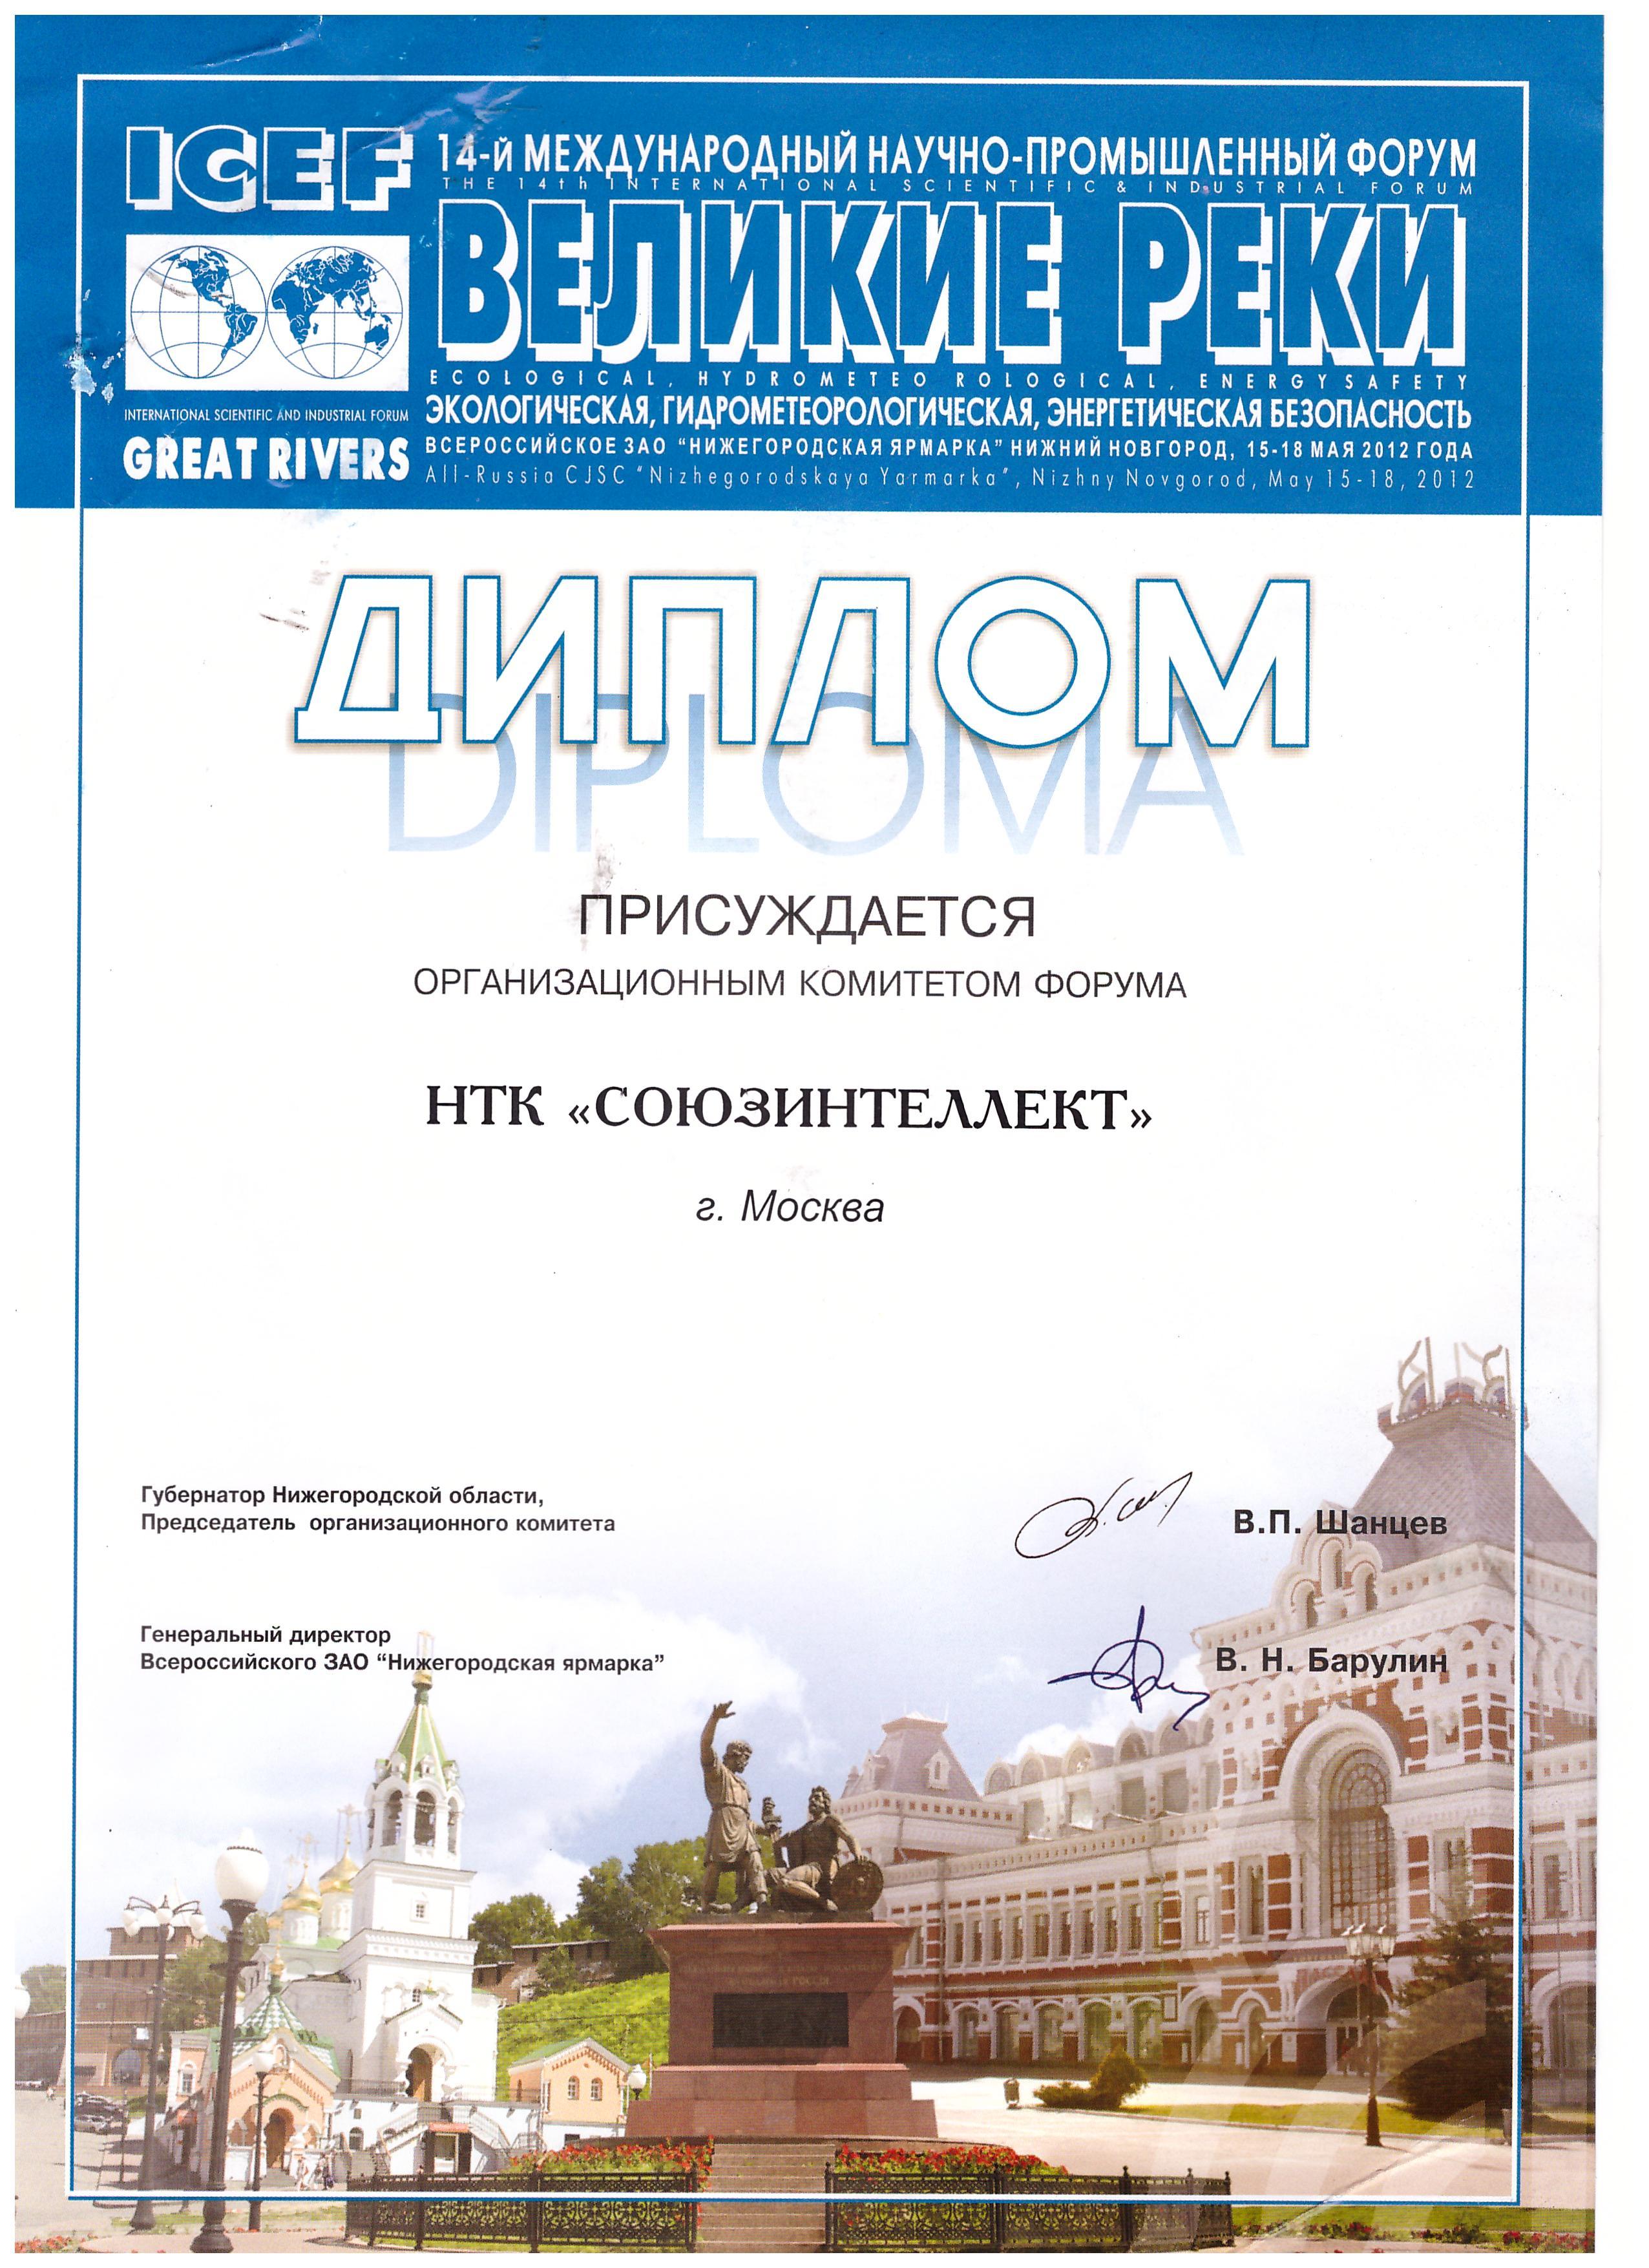 http://souzintellekt.ru/images/upload/Великие%20Реки%20001.jpg